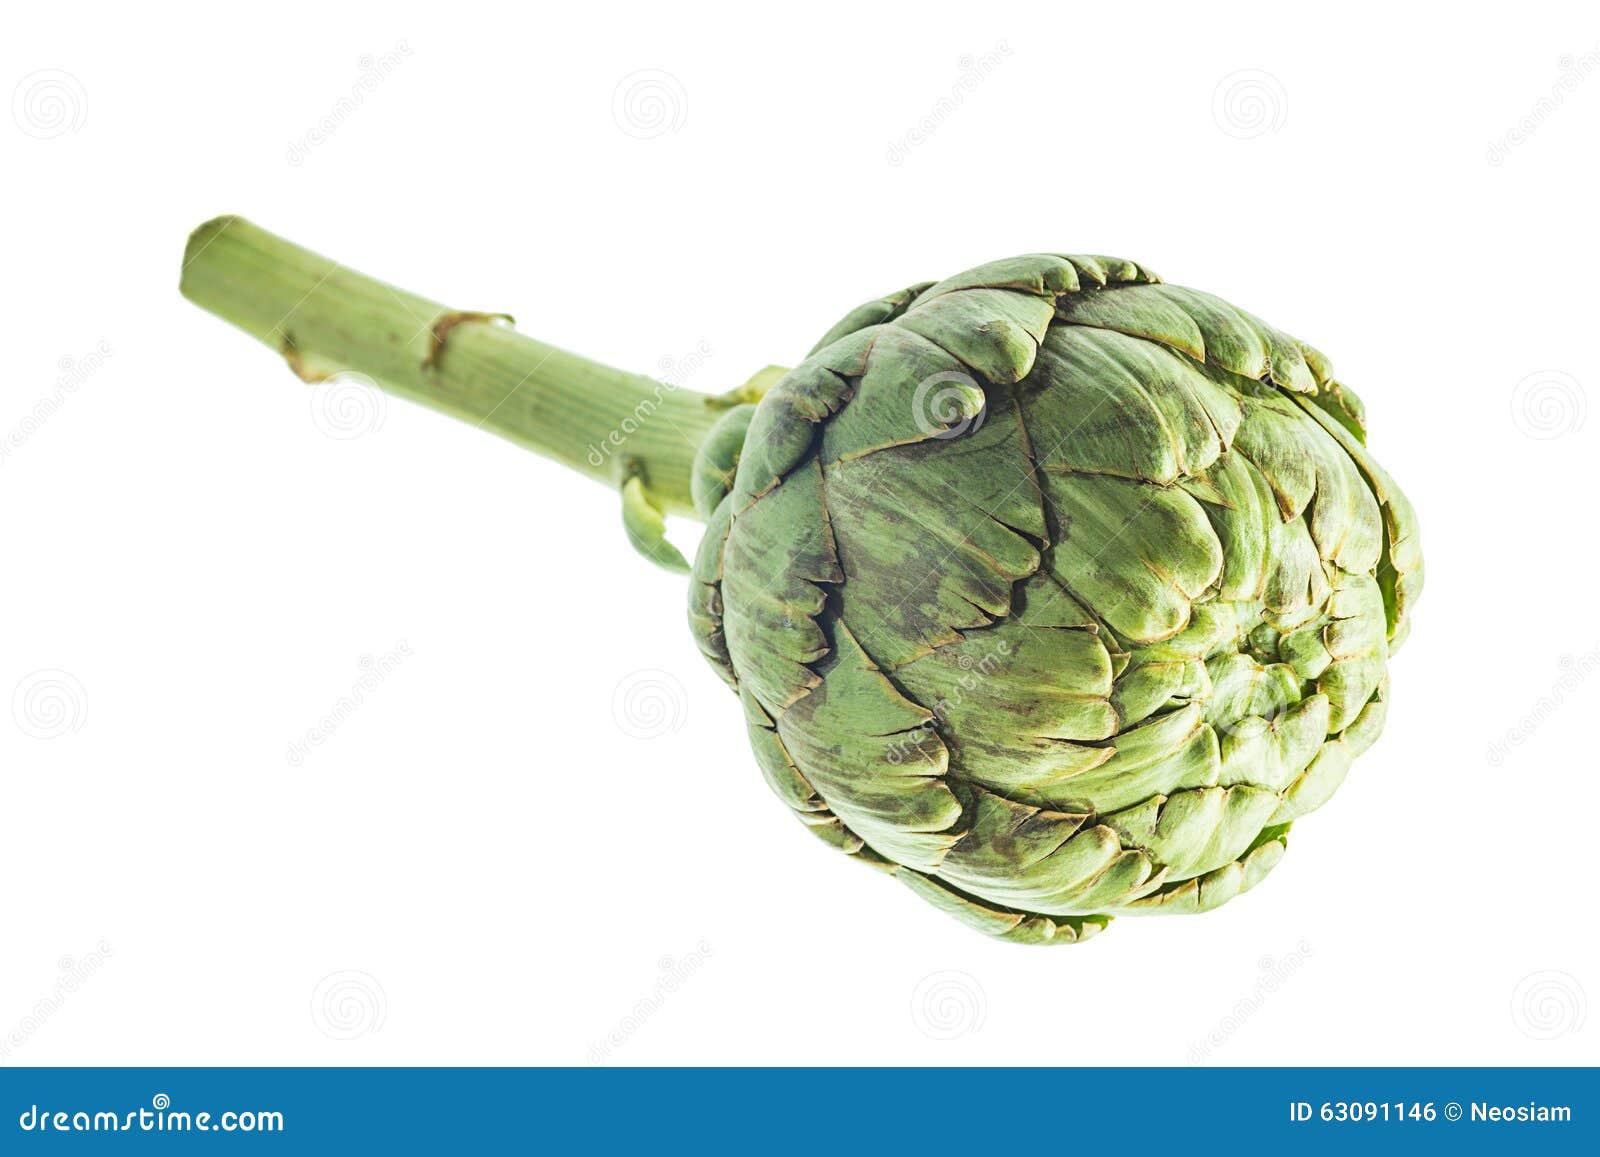 Download Artichaut photo stock. Image du agriculture, saveur, méditerranéen - 63091146